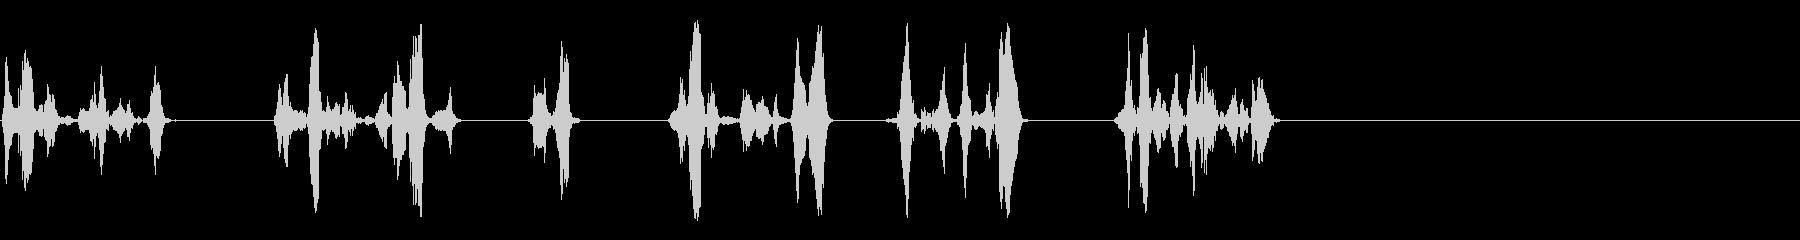 ミュートトロンボーン-ラピッドトーキングの未再生の波形